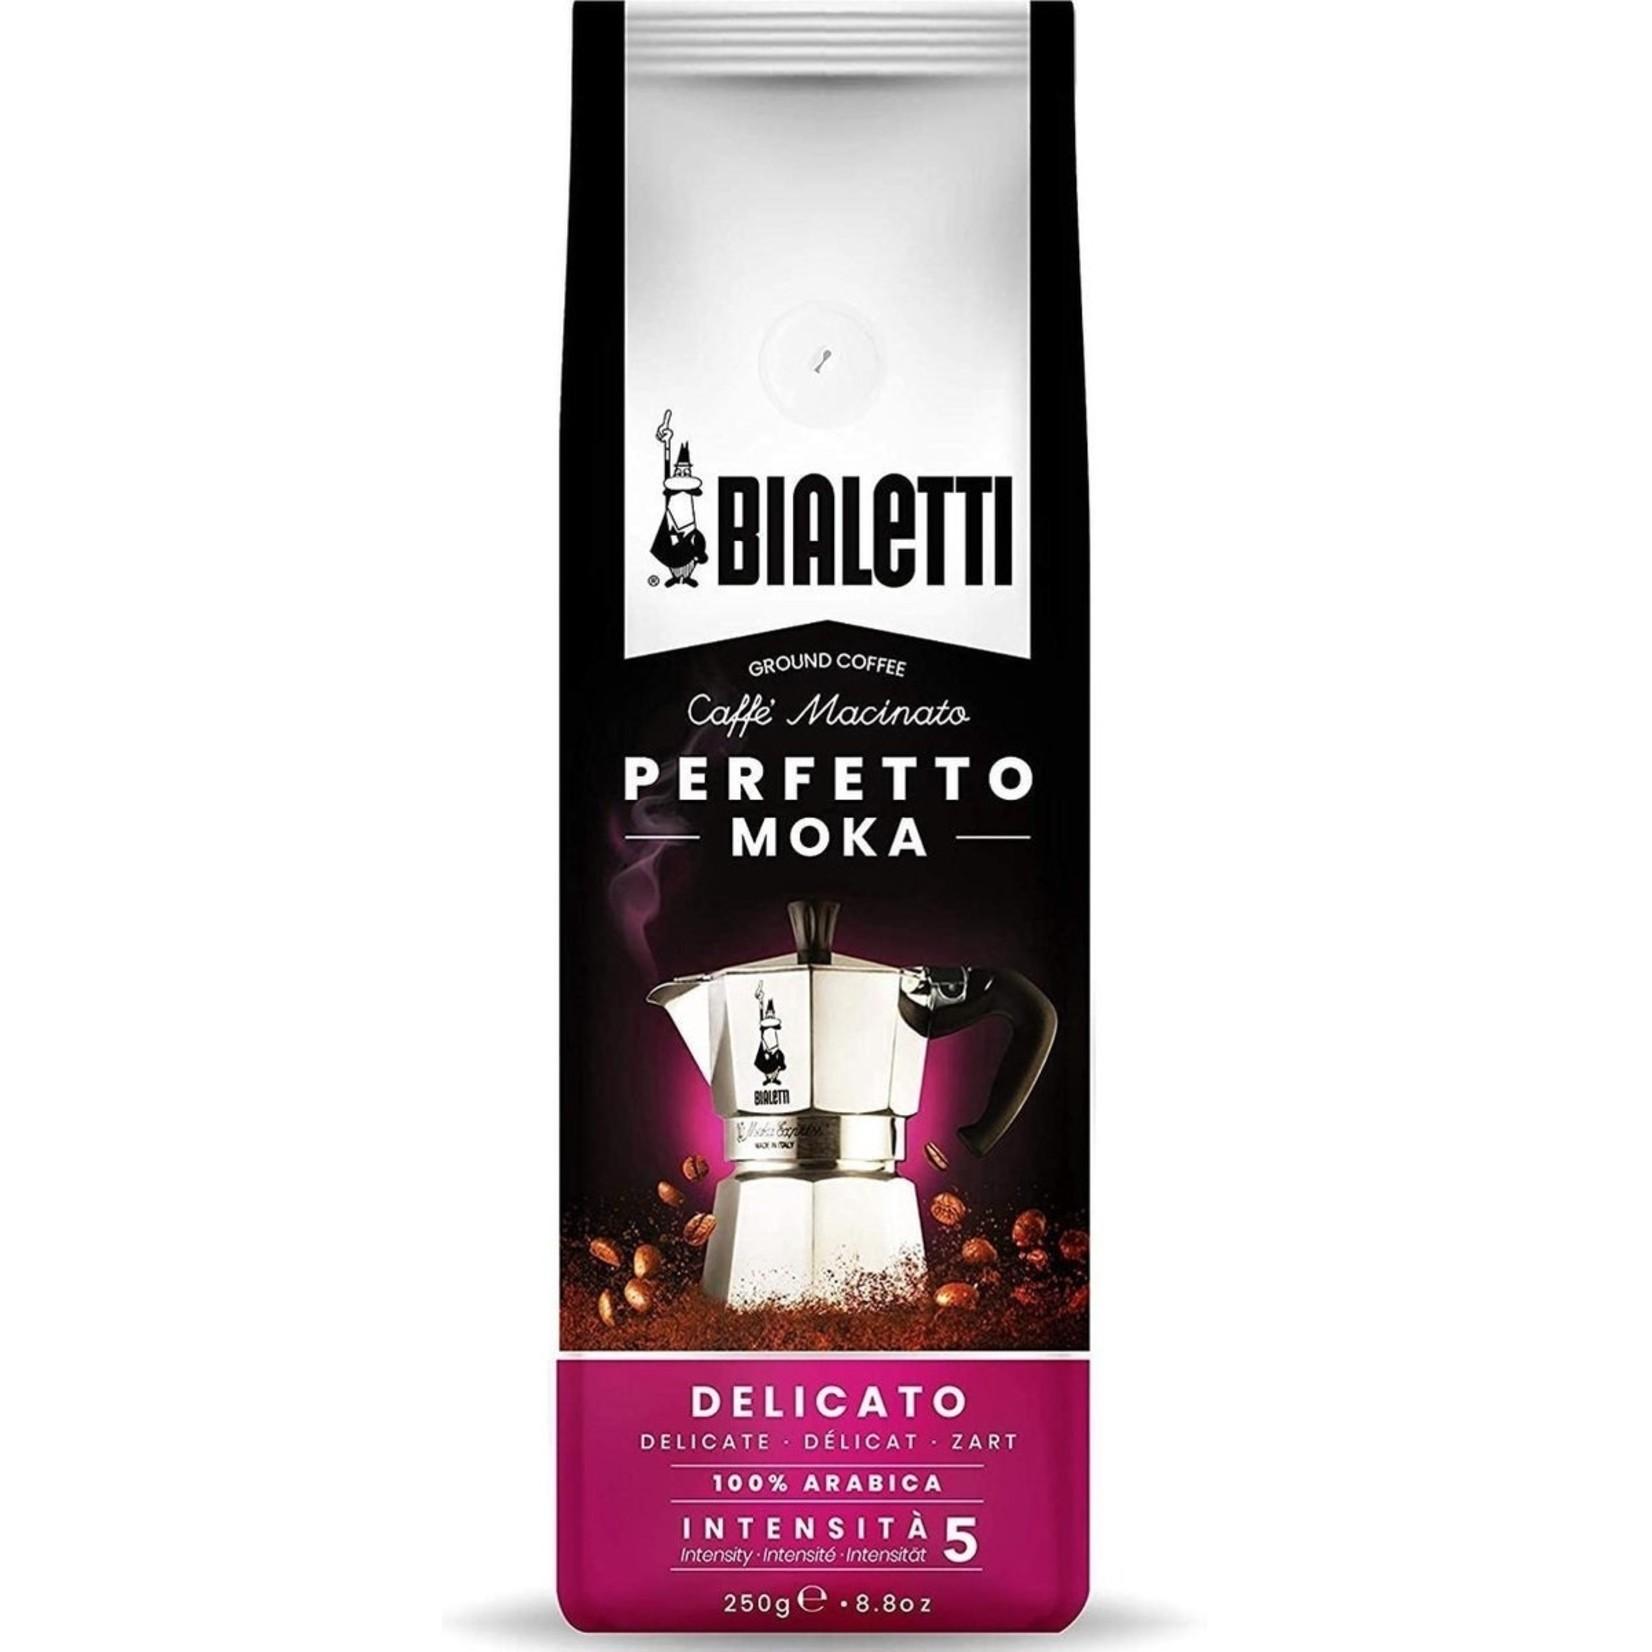 Bialetti Bialetti Perfetto Moka Delicato, gemalen koffie, 250g